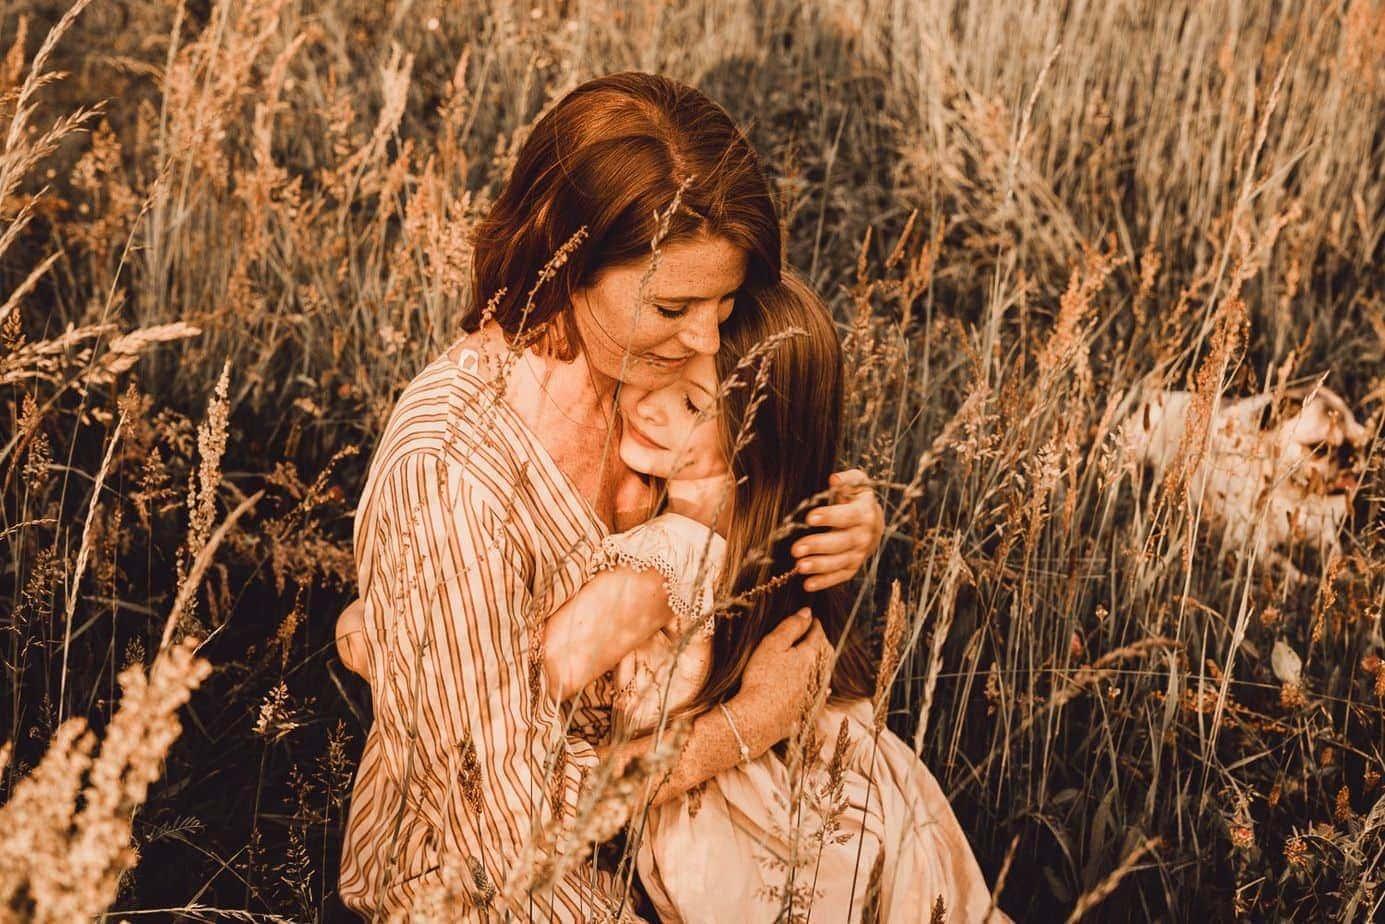 Fotograaf Sophie van Beautiful Moments uit Antwerpen fotografeerde dit tedere moeder-dochtermoment